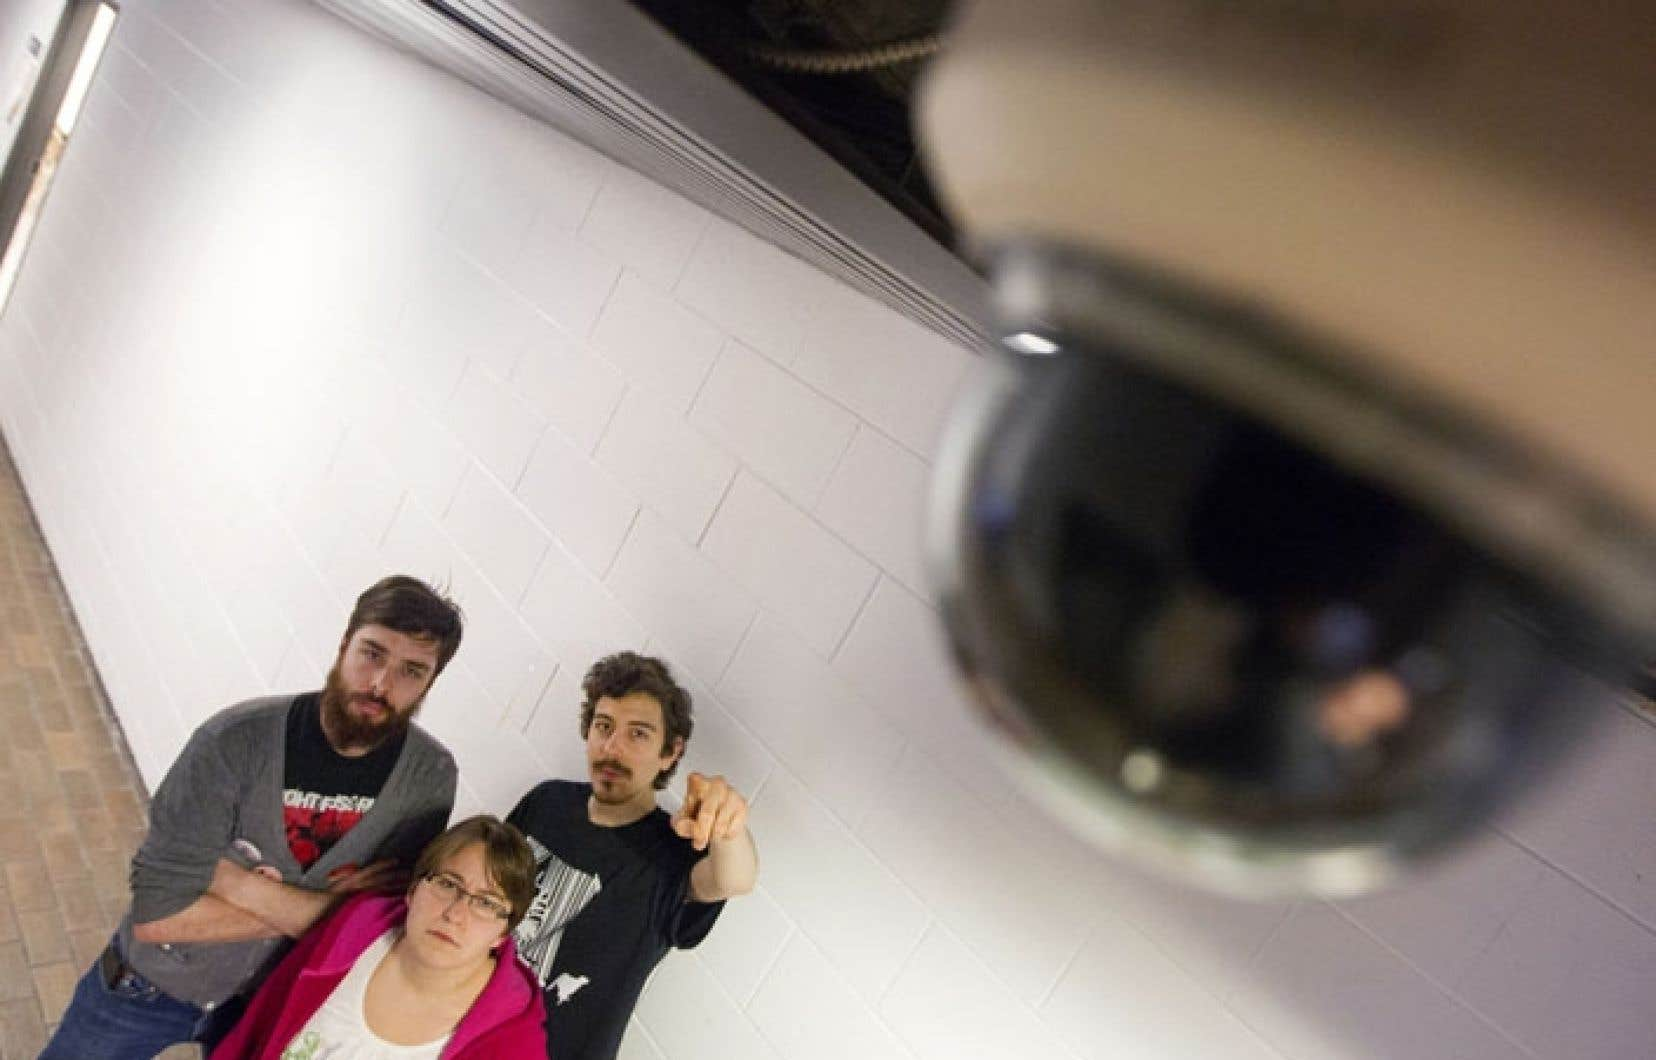 De plus en plus d'étudiants plaident pour un meilleur encadrement de l'utilisation des caméras de sécurité à l'Université du Québec à Montréal (UQAM).